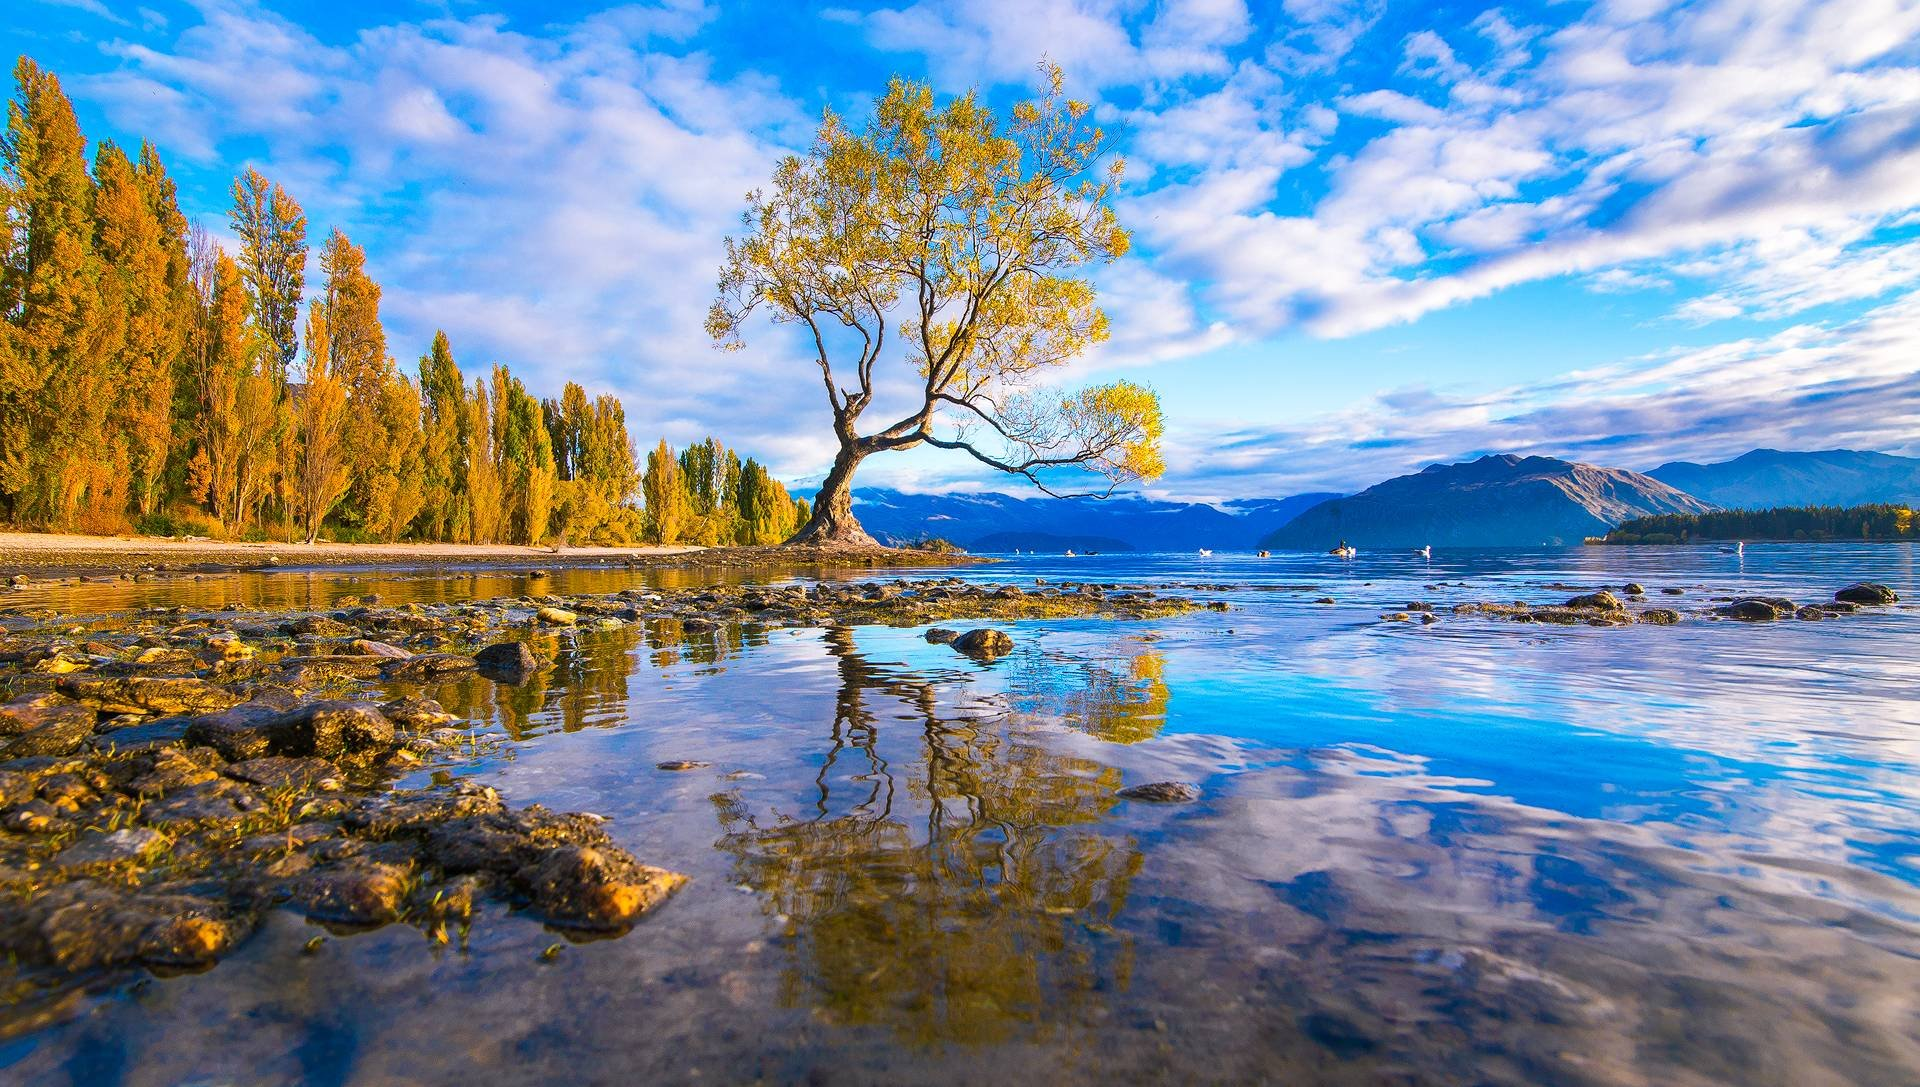 Lake Wanaka New Zealand 17167 Hd Wallpaper